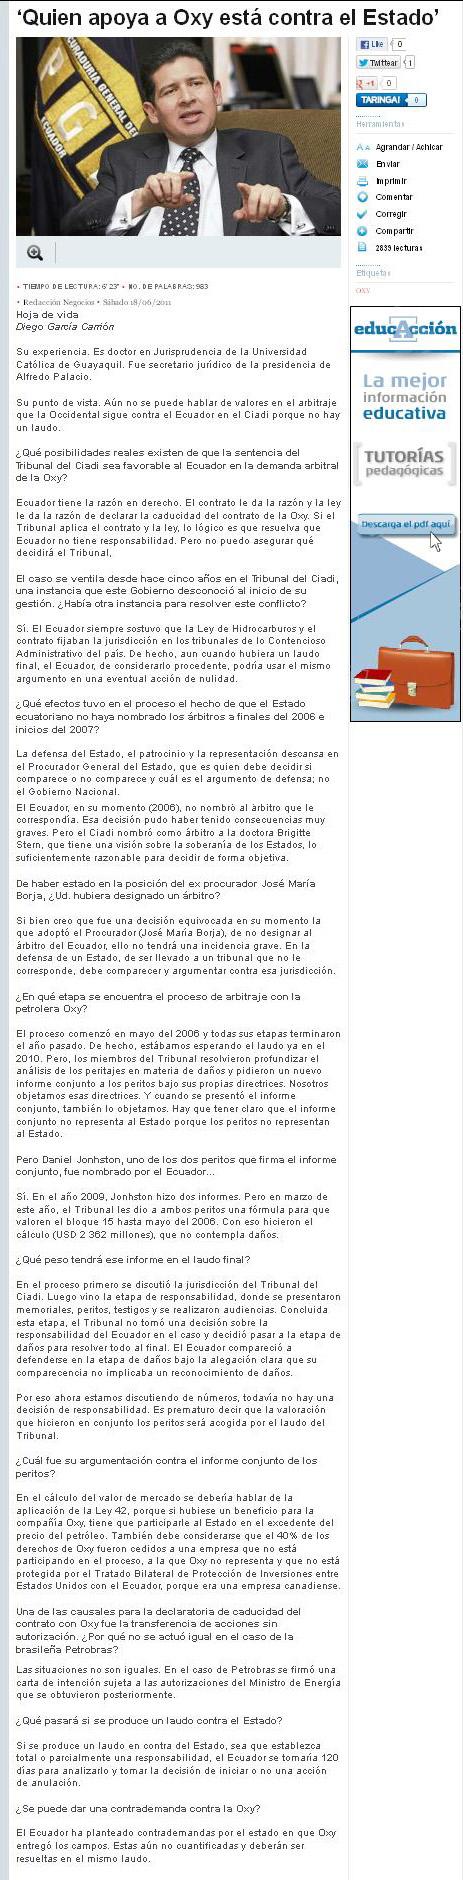 18-2011-06-18_El_Comercio_Entrevista_Procurador